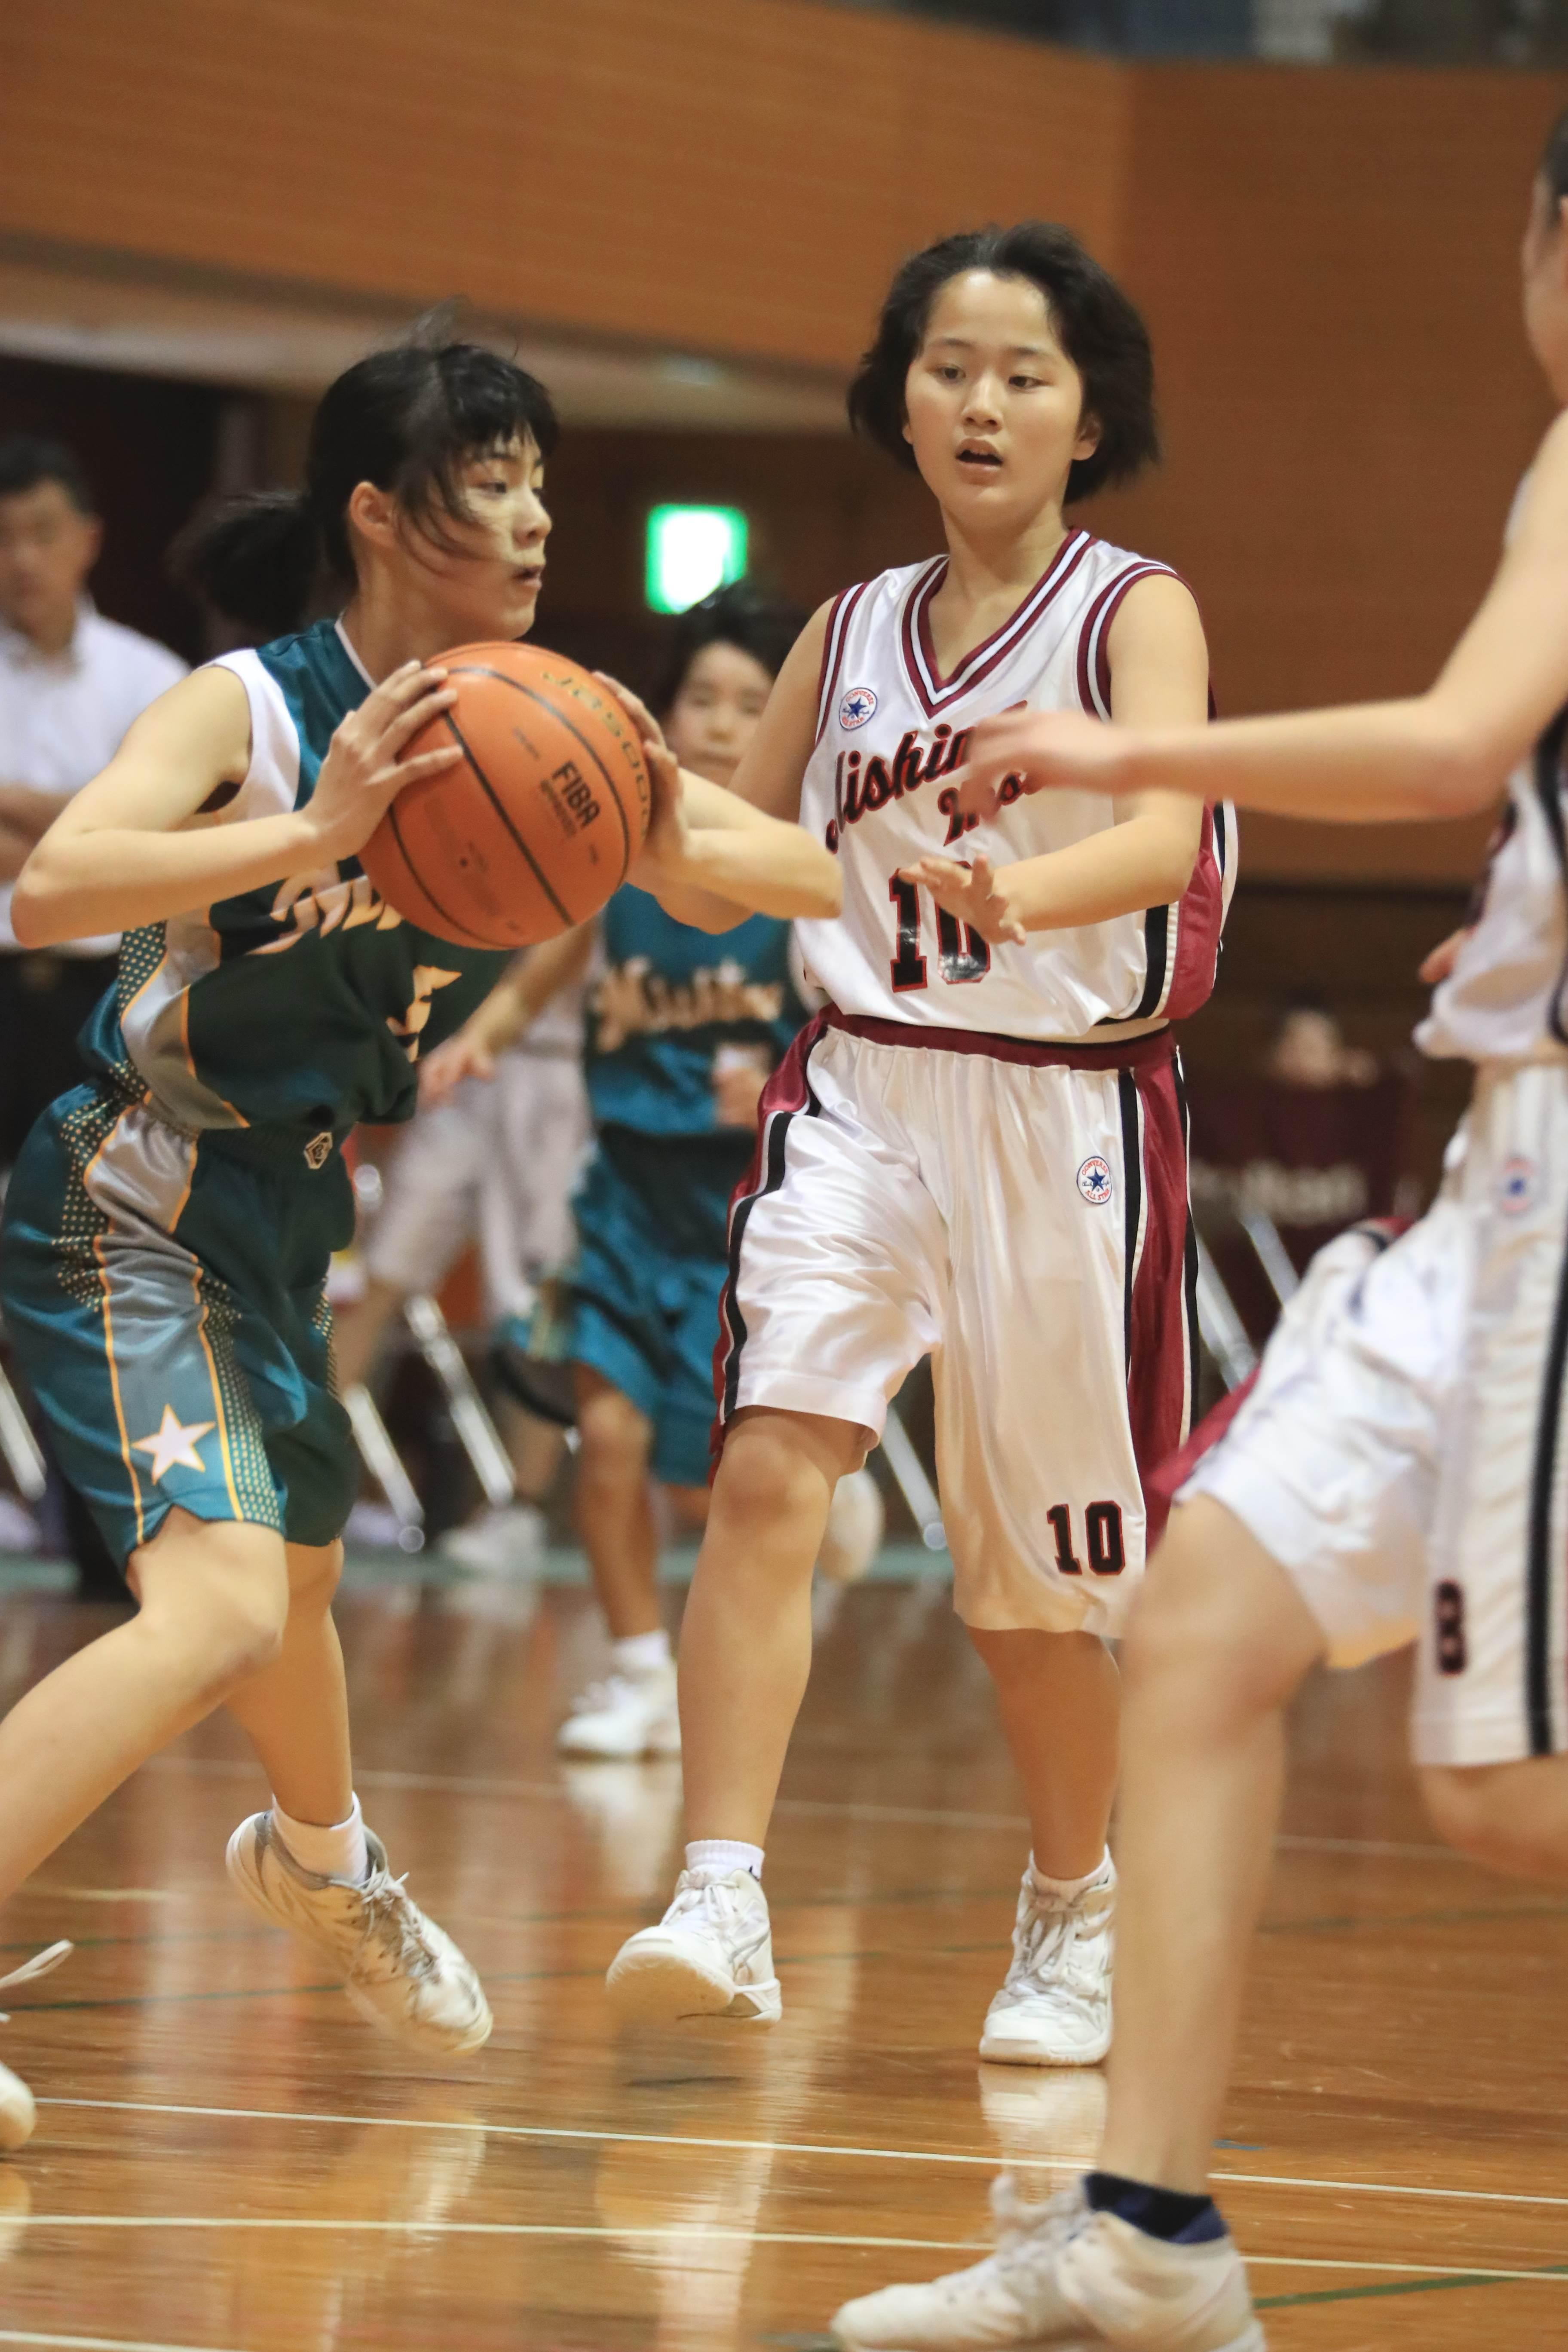 バスケットボール (79)